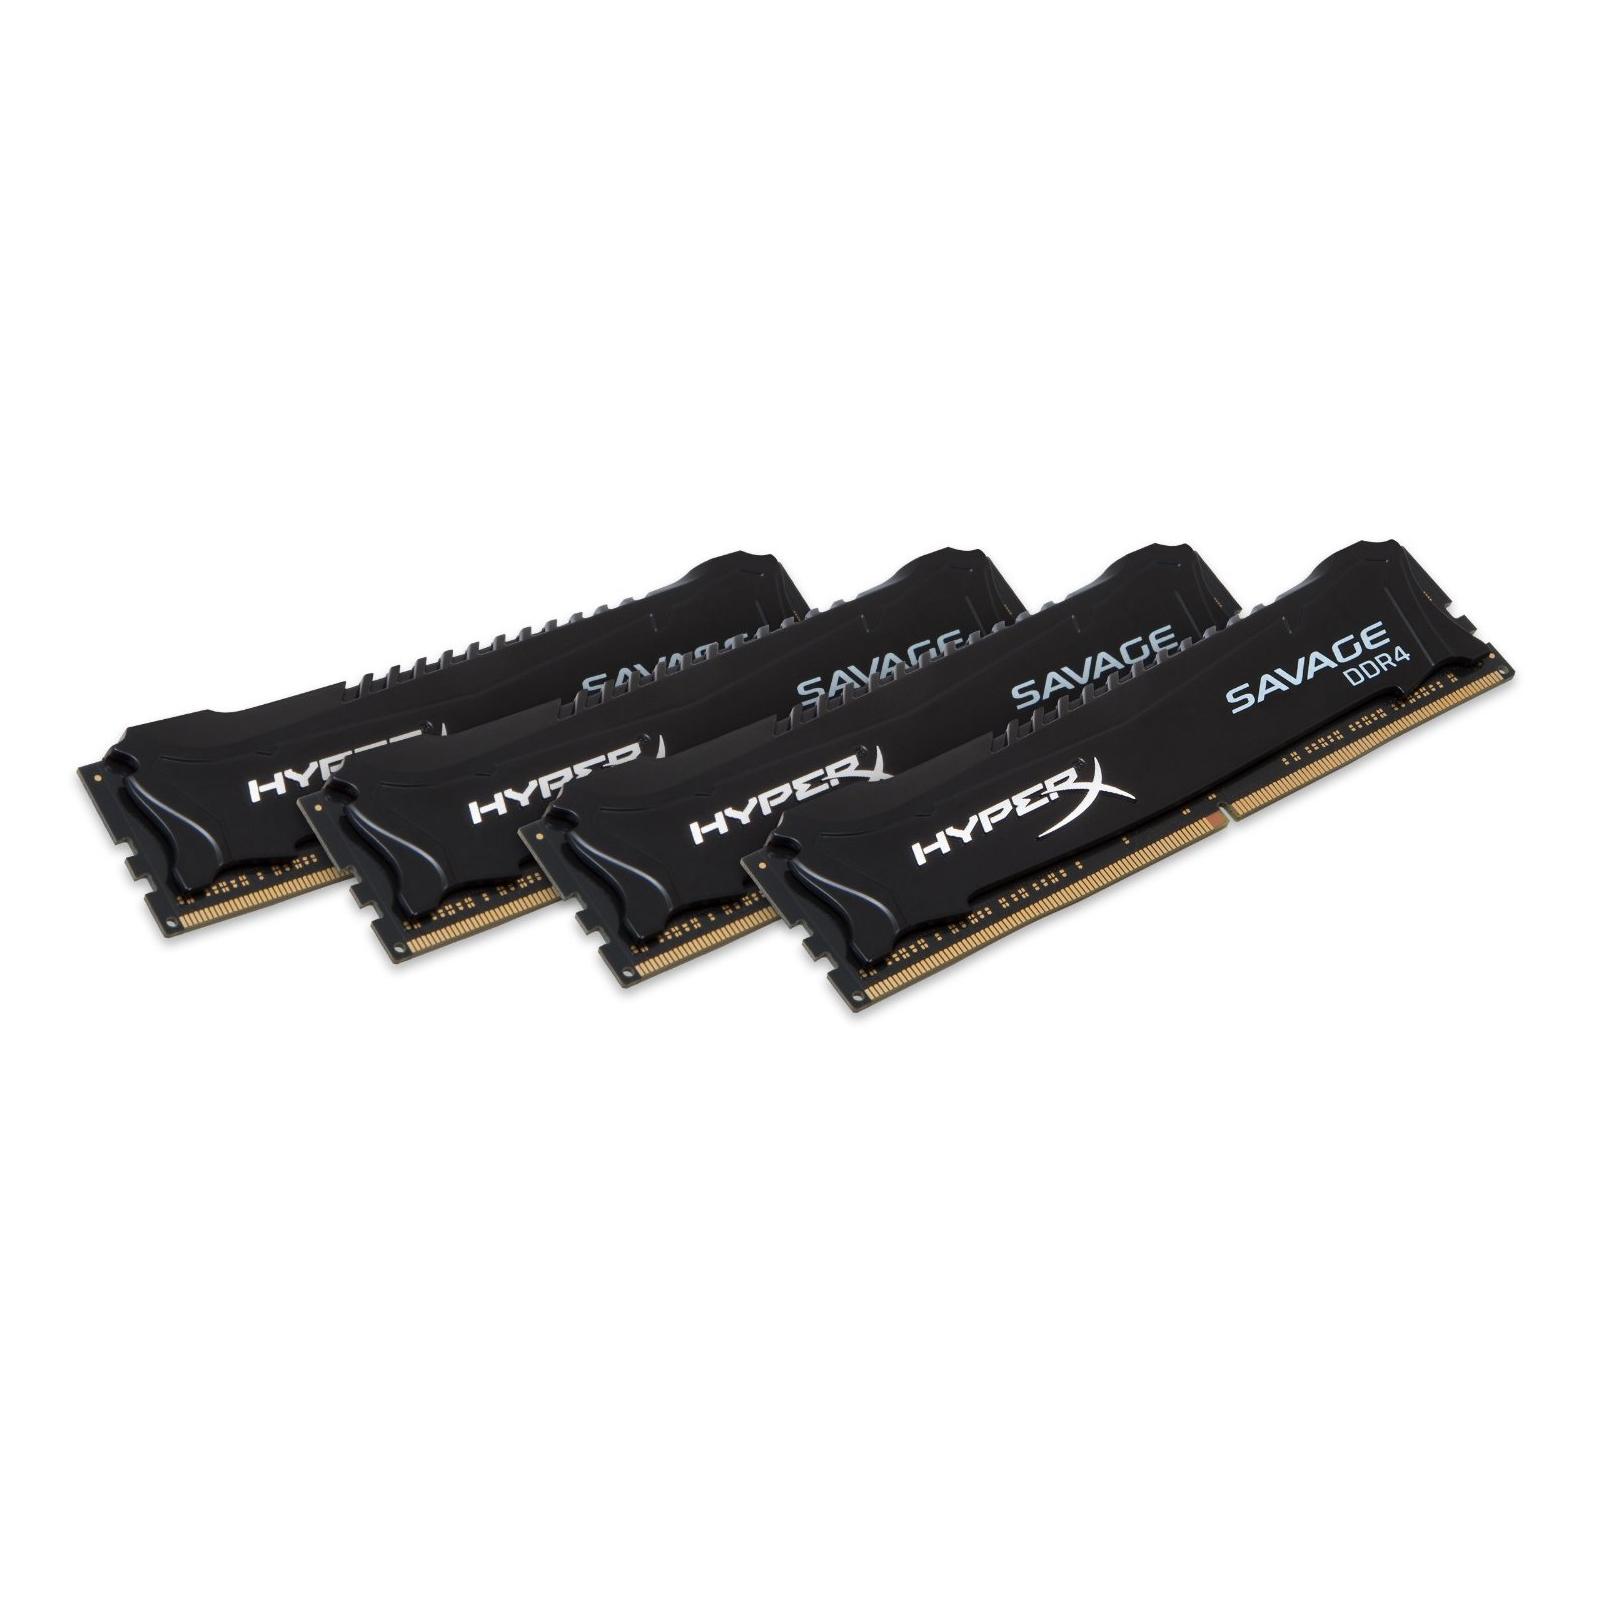 Модуль памяти для компьютера DDR4 32GB (4x8GB) 2133MHz Savage Blak Kingston (HX421C13SBK4/32) изображение 2